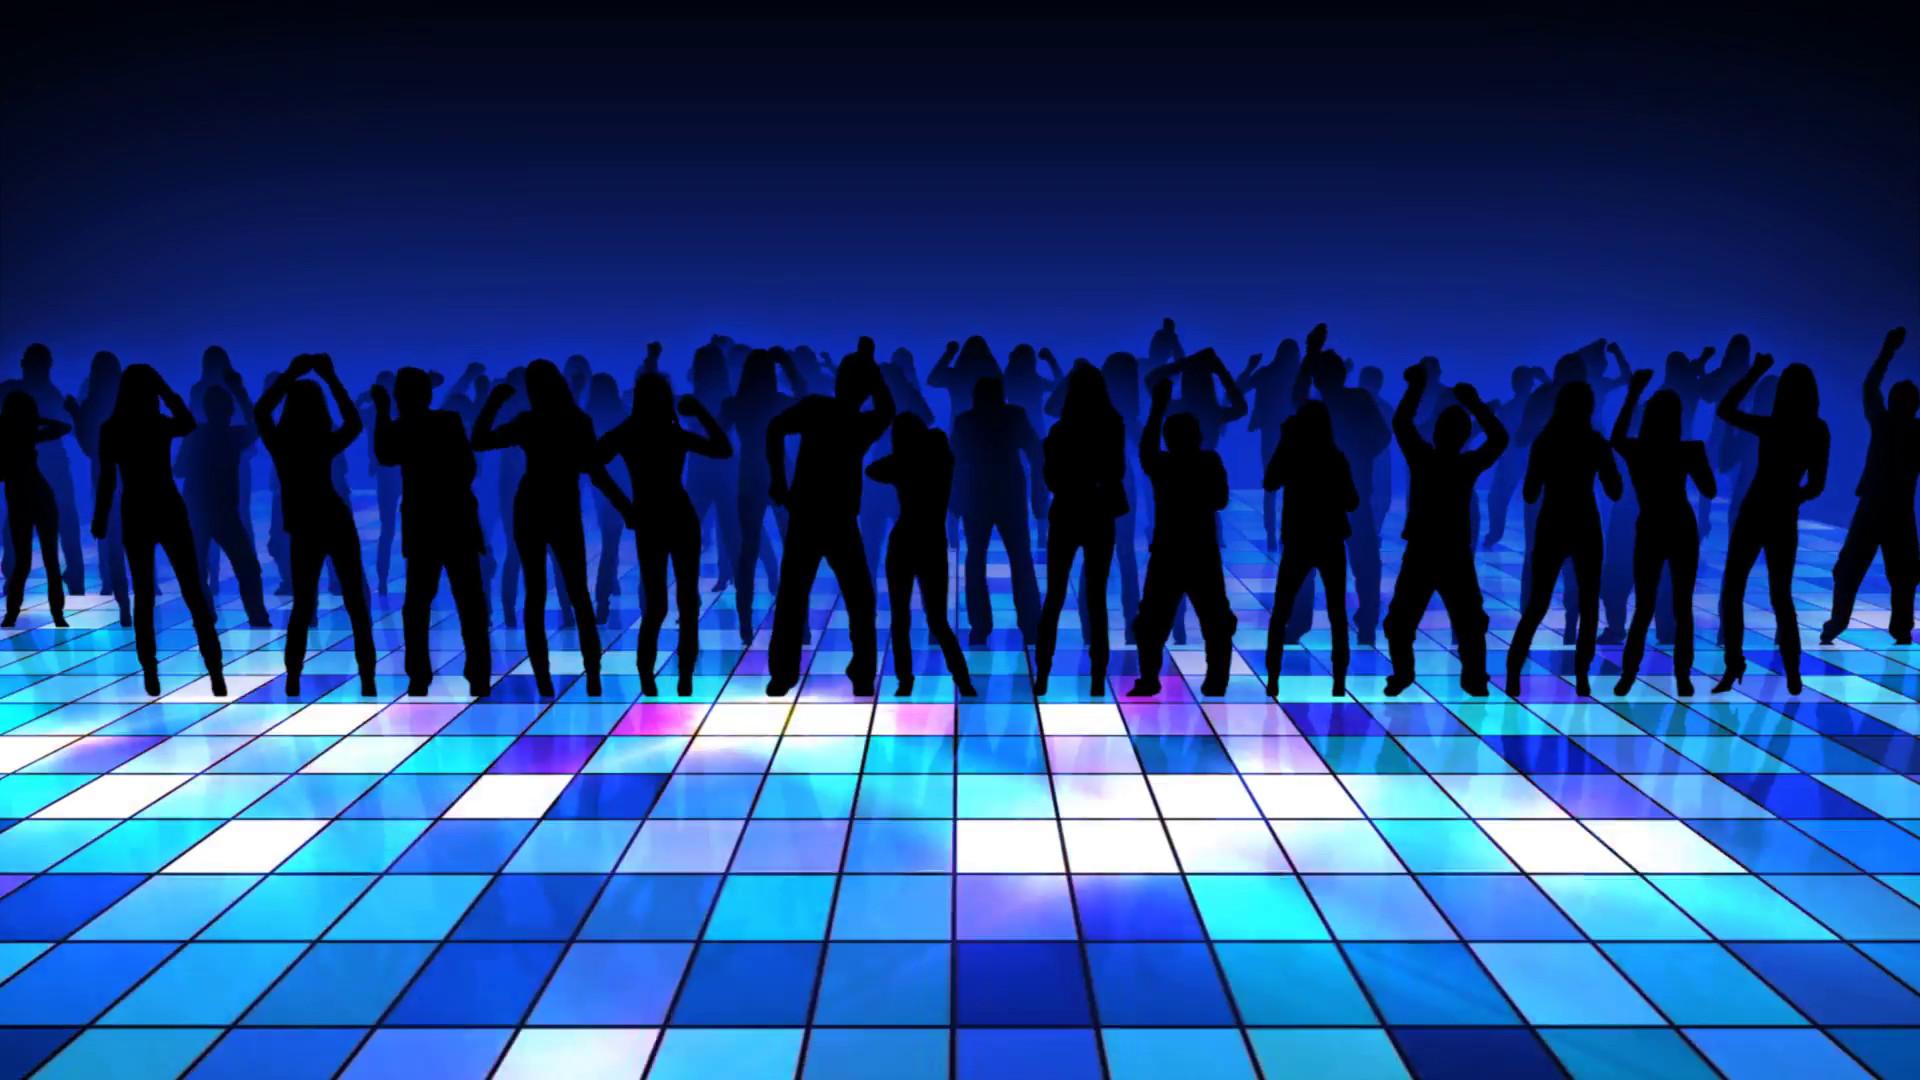 4k Orange Spiral Fire Light Dance Vj 2160p Background: Dance Background Images (56+ Pictures